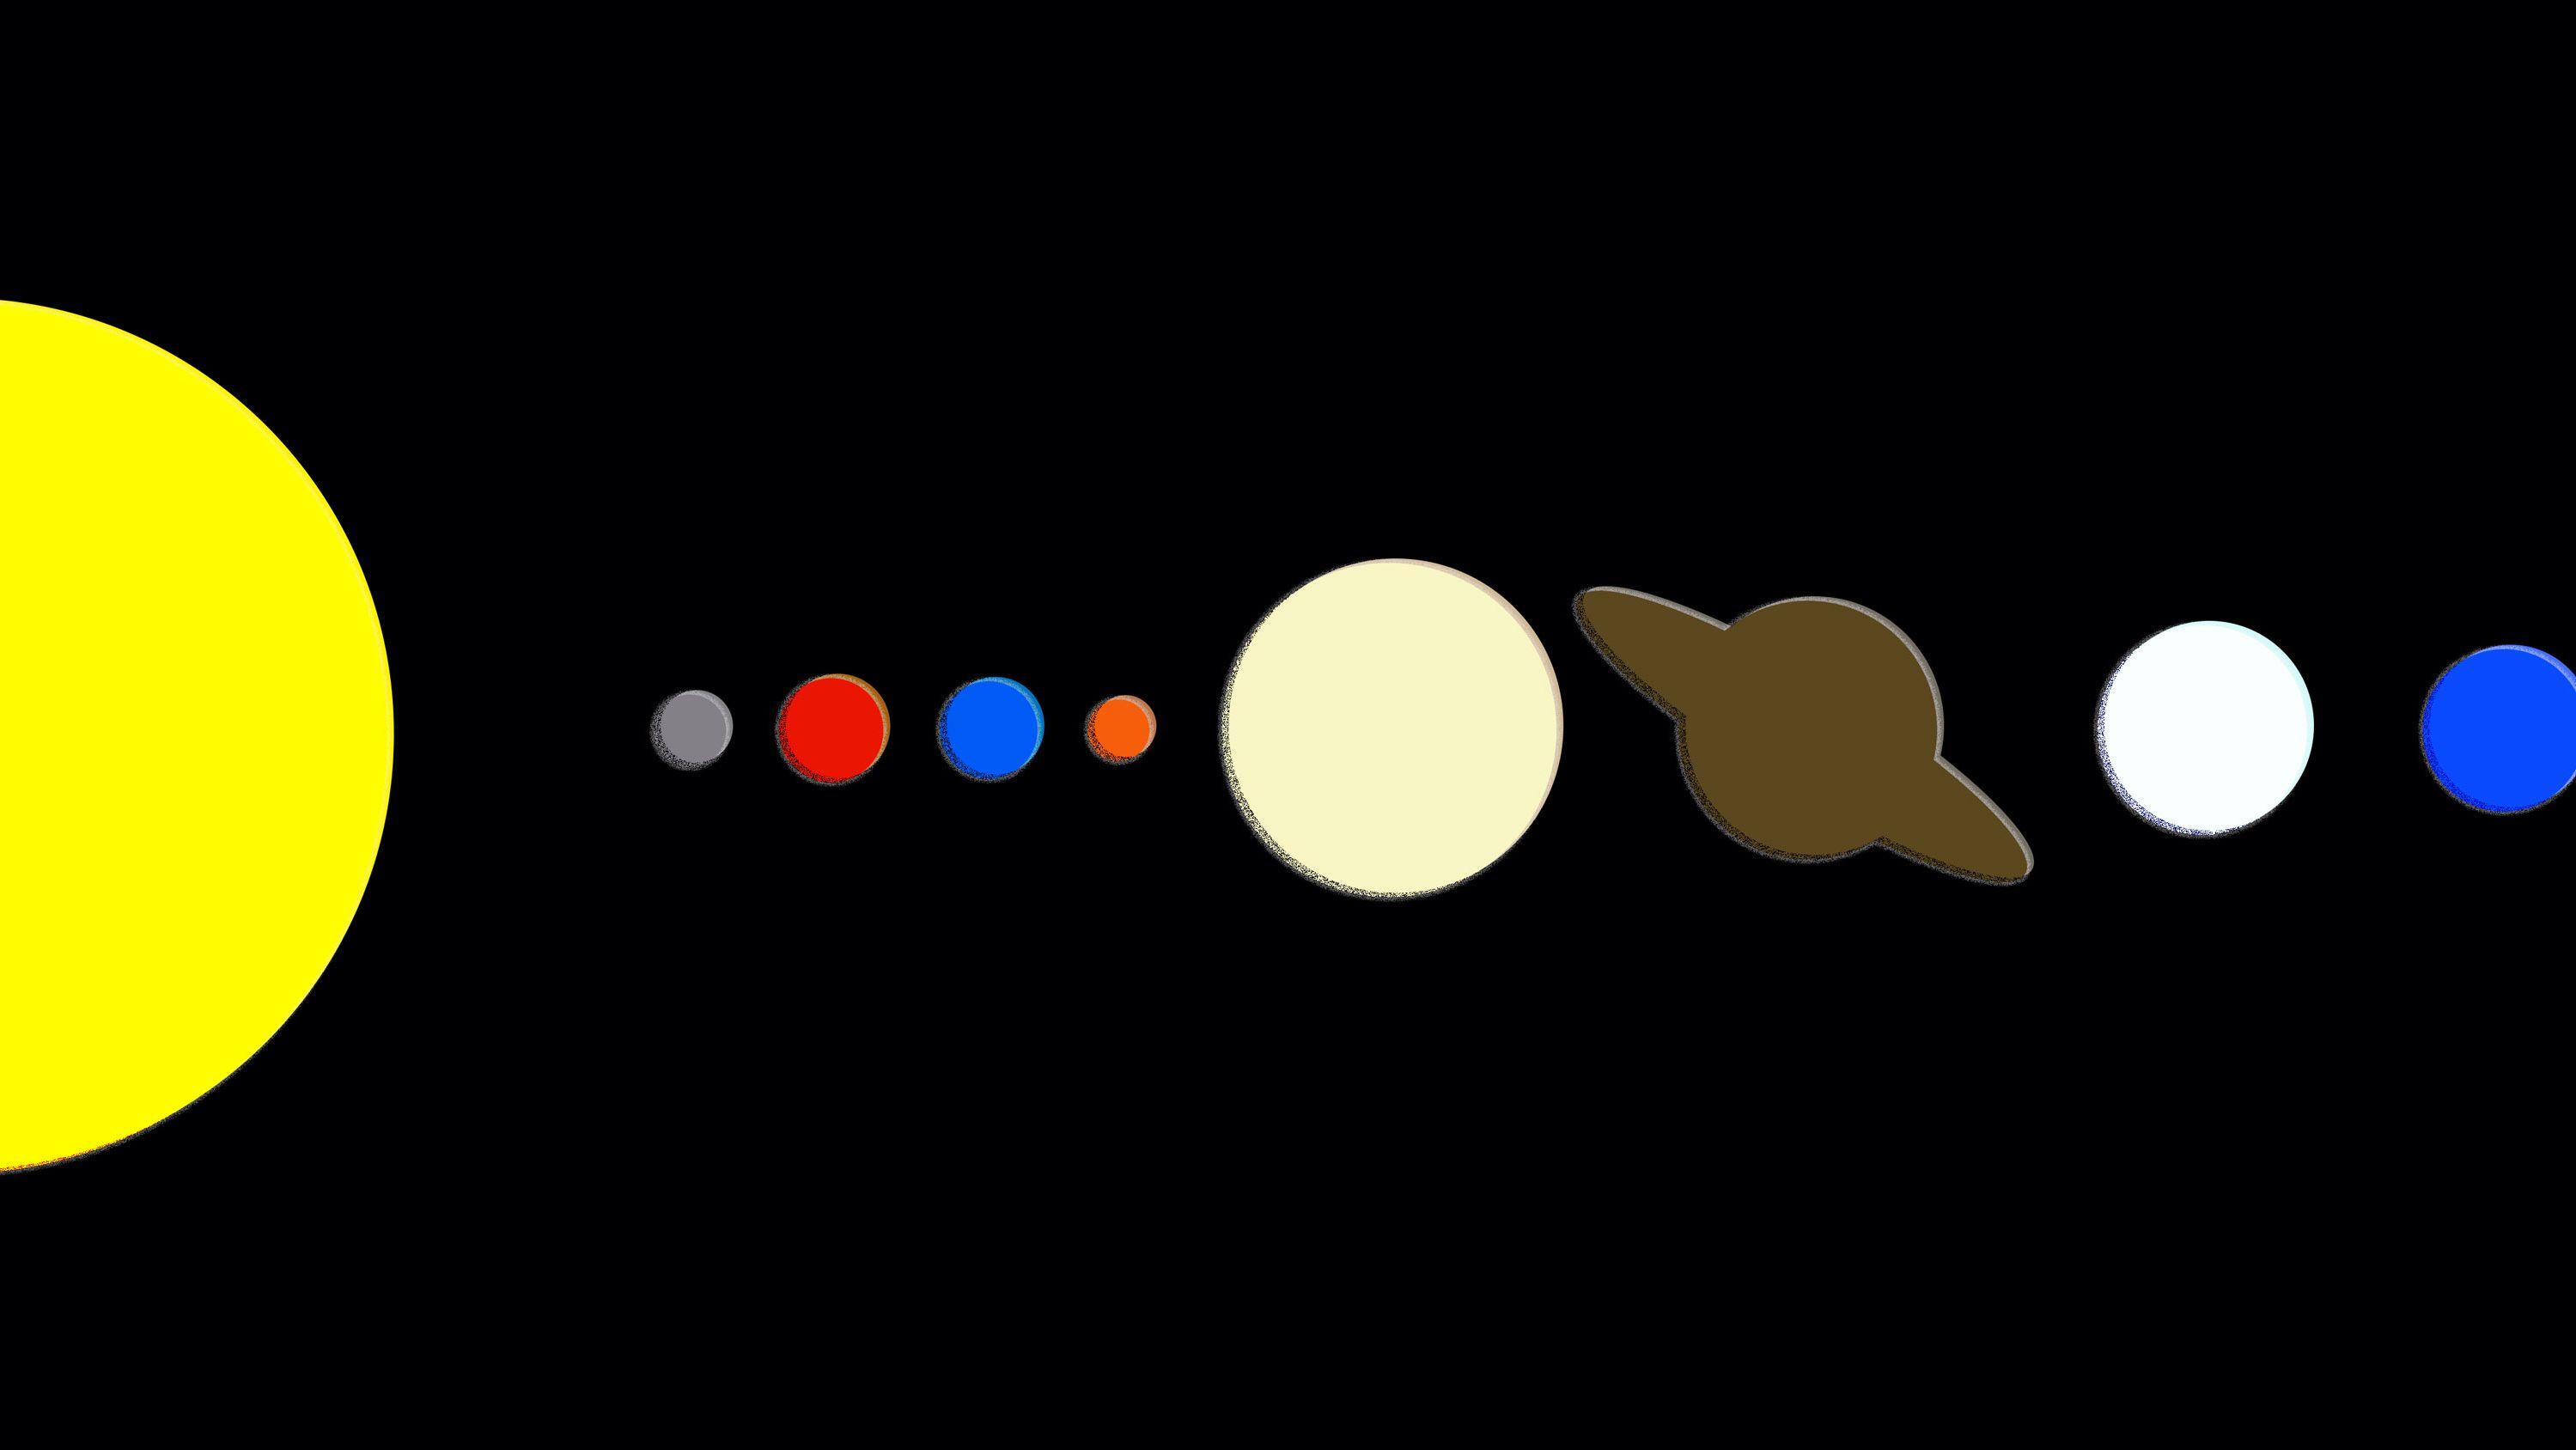 人類は太陽系の「未開地」をどの程度残すべきか?